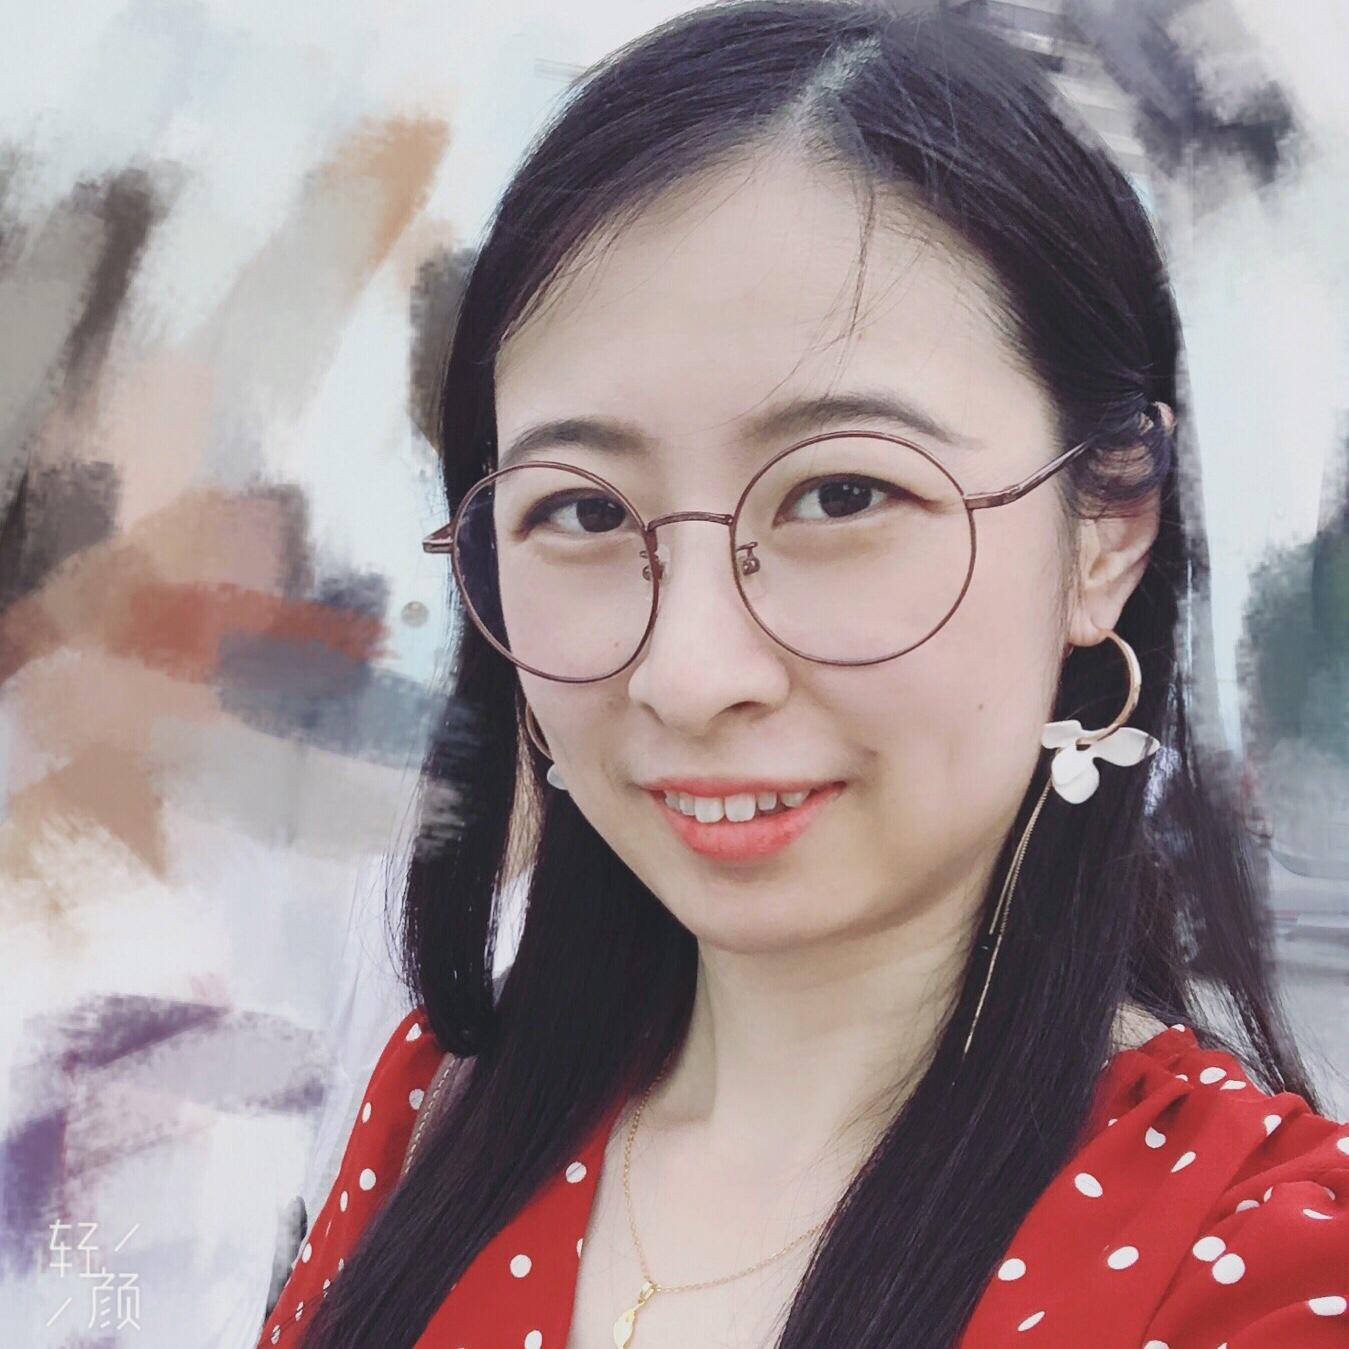 Sifan Hu